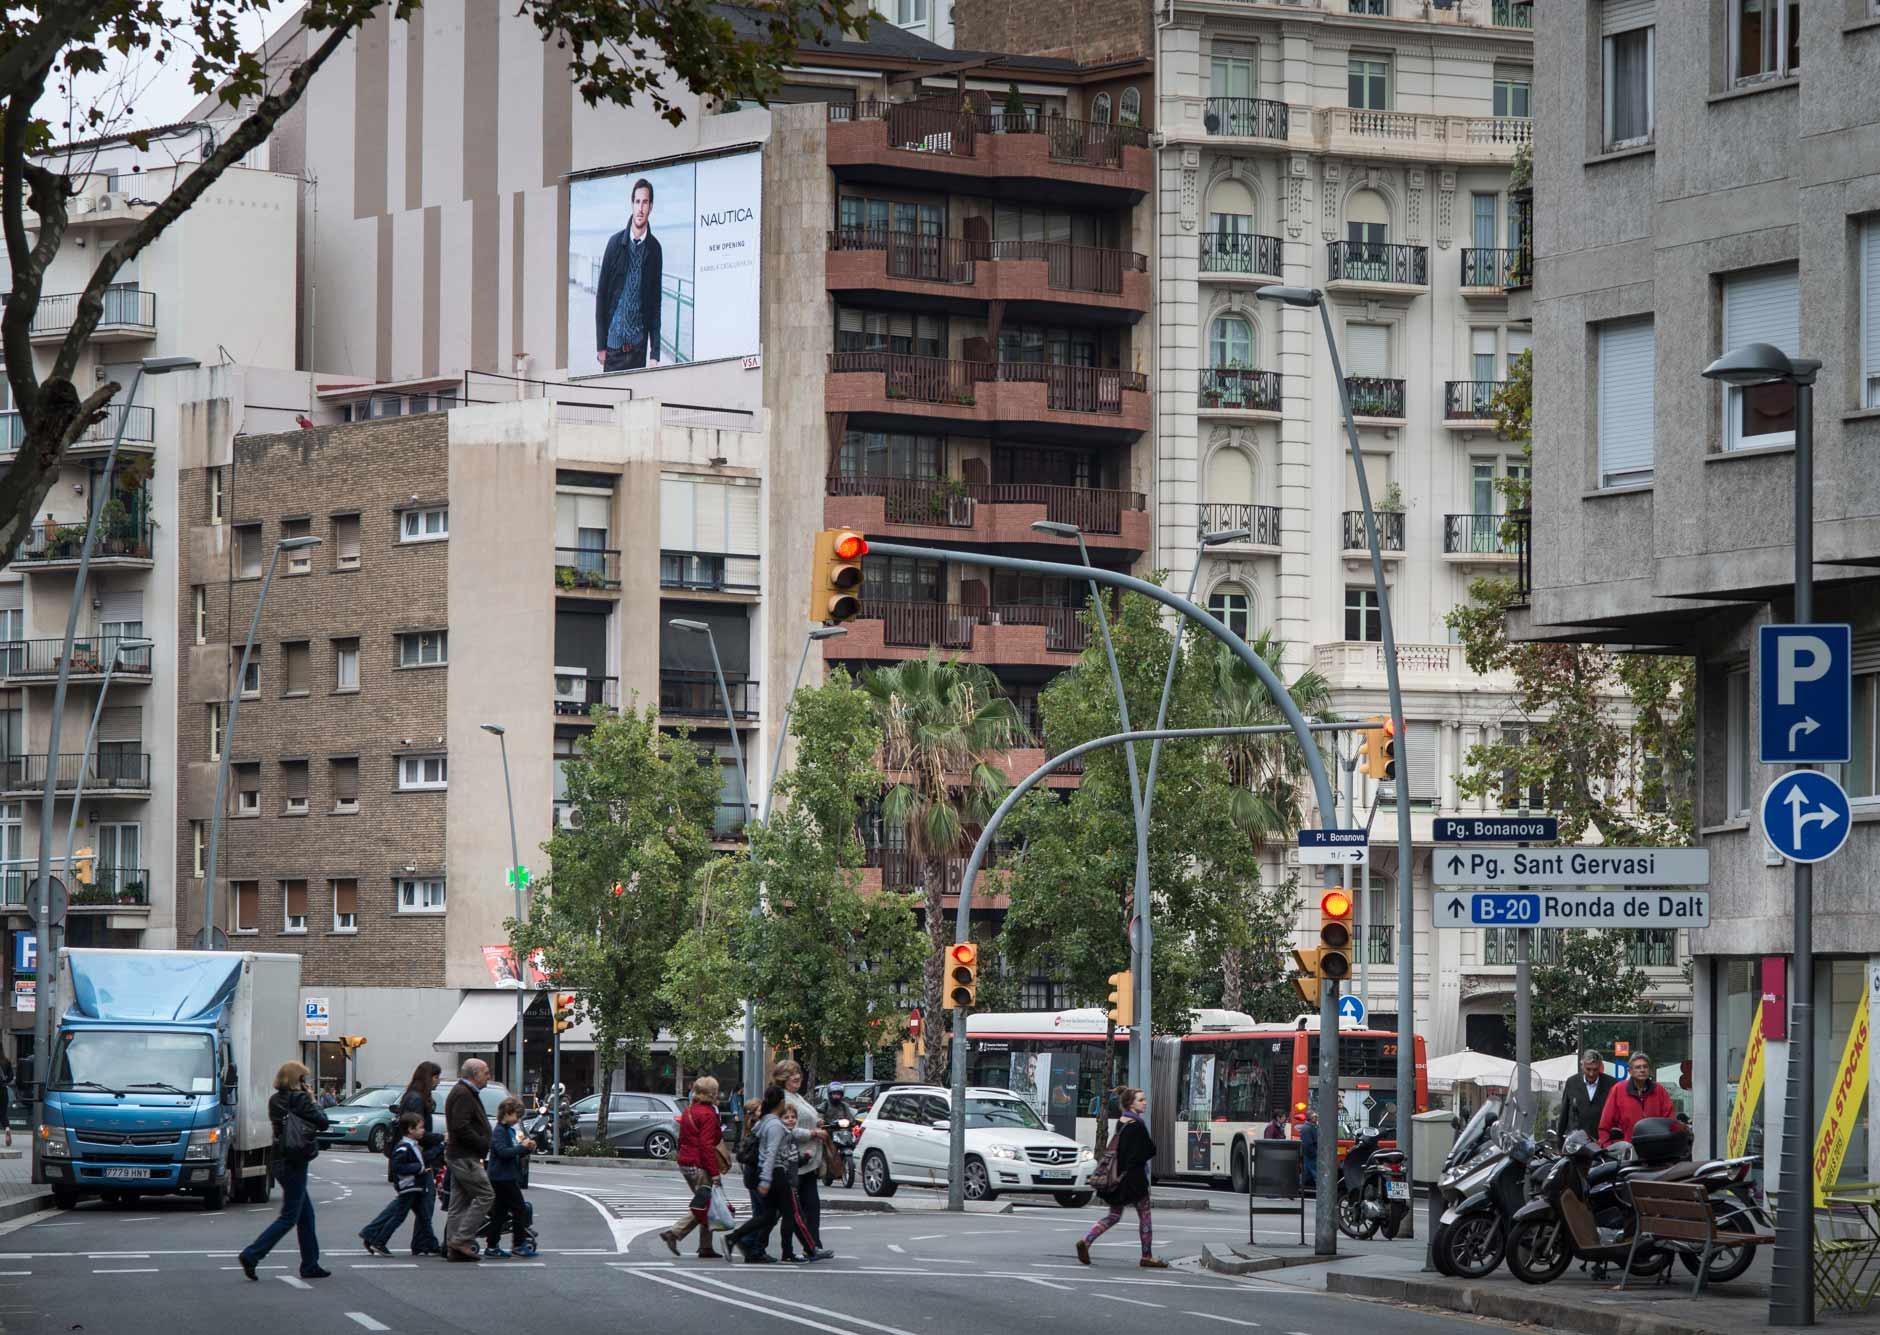 pym-medianera-publicidad-exterior-nautica-barcelona-vsa-comunicacion